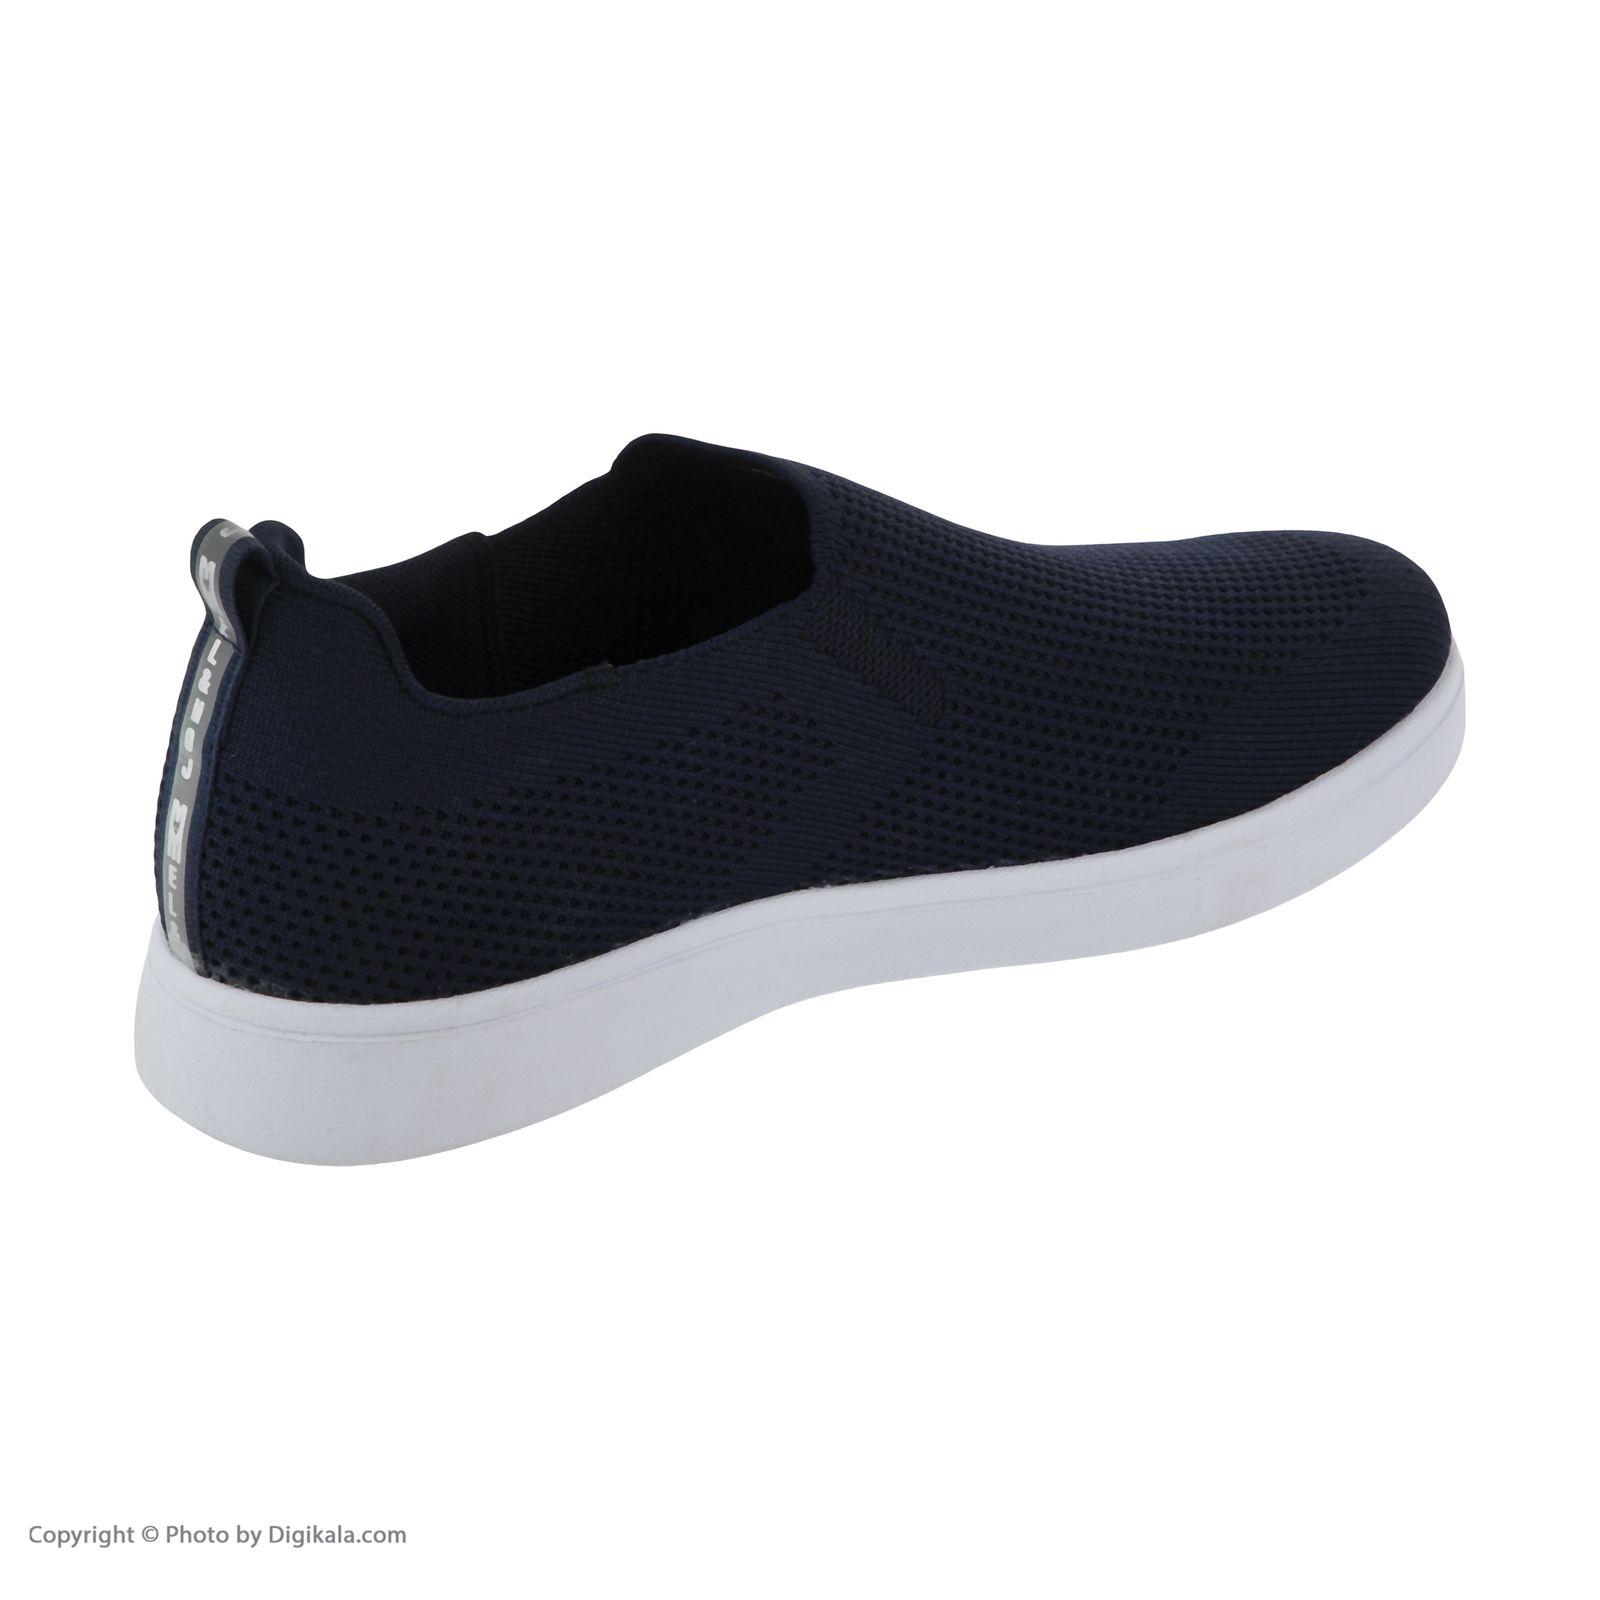 کفش راحتی مردانه مل اند موژ مدل 1020-20-400 main 1 4